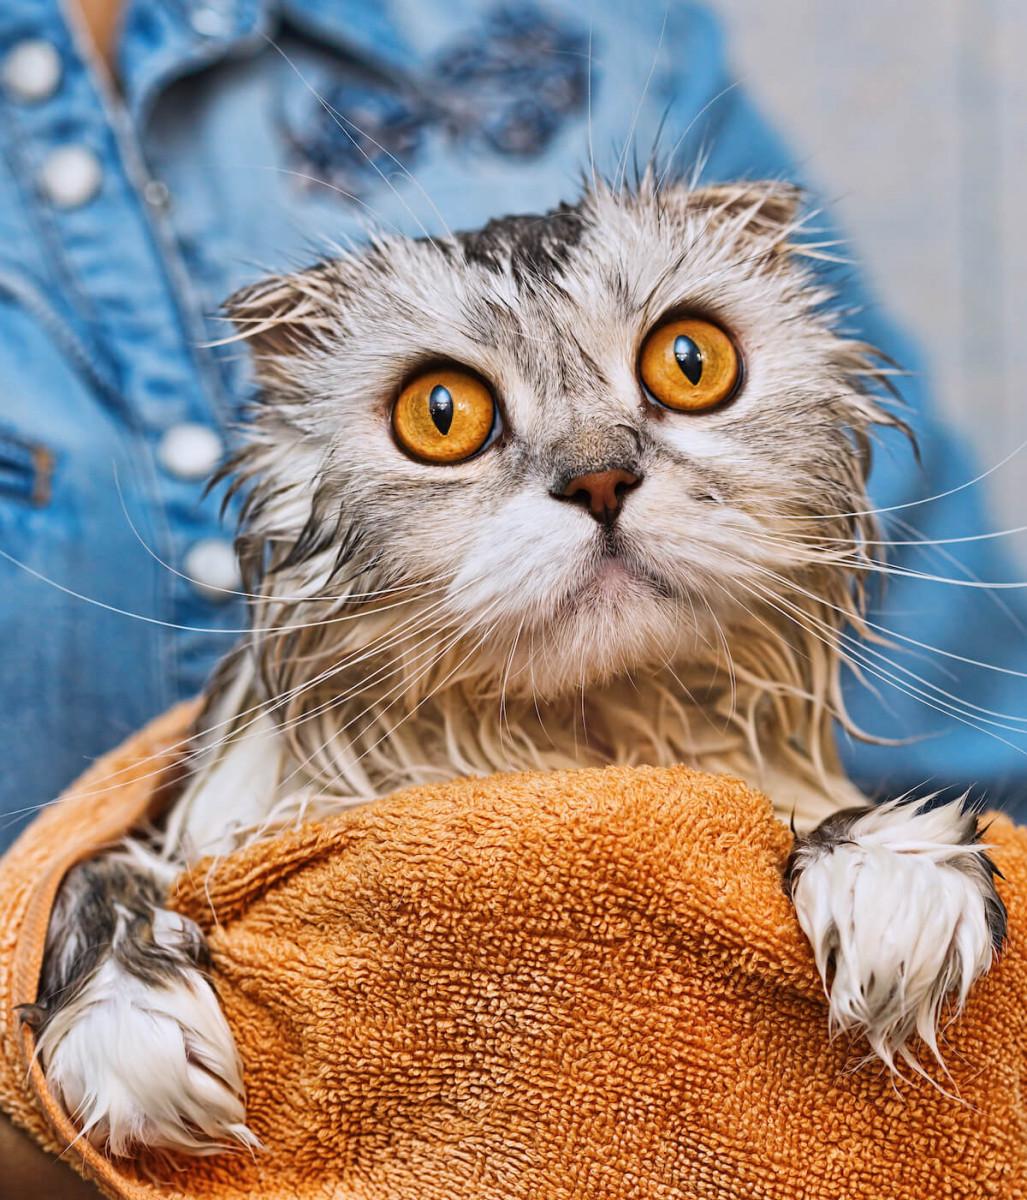 rafraichir votre chat avec un gant humide